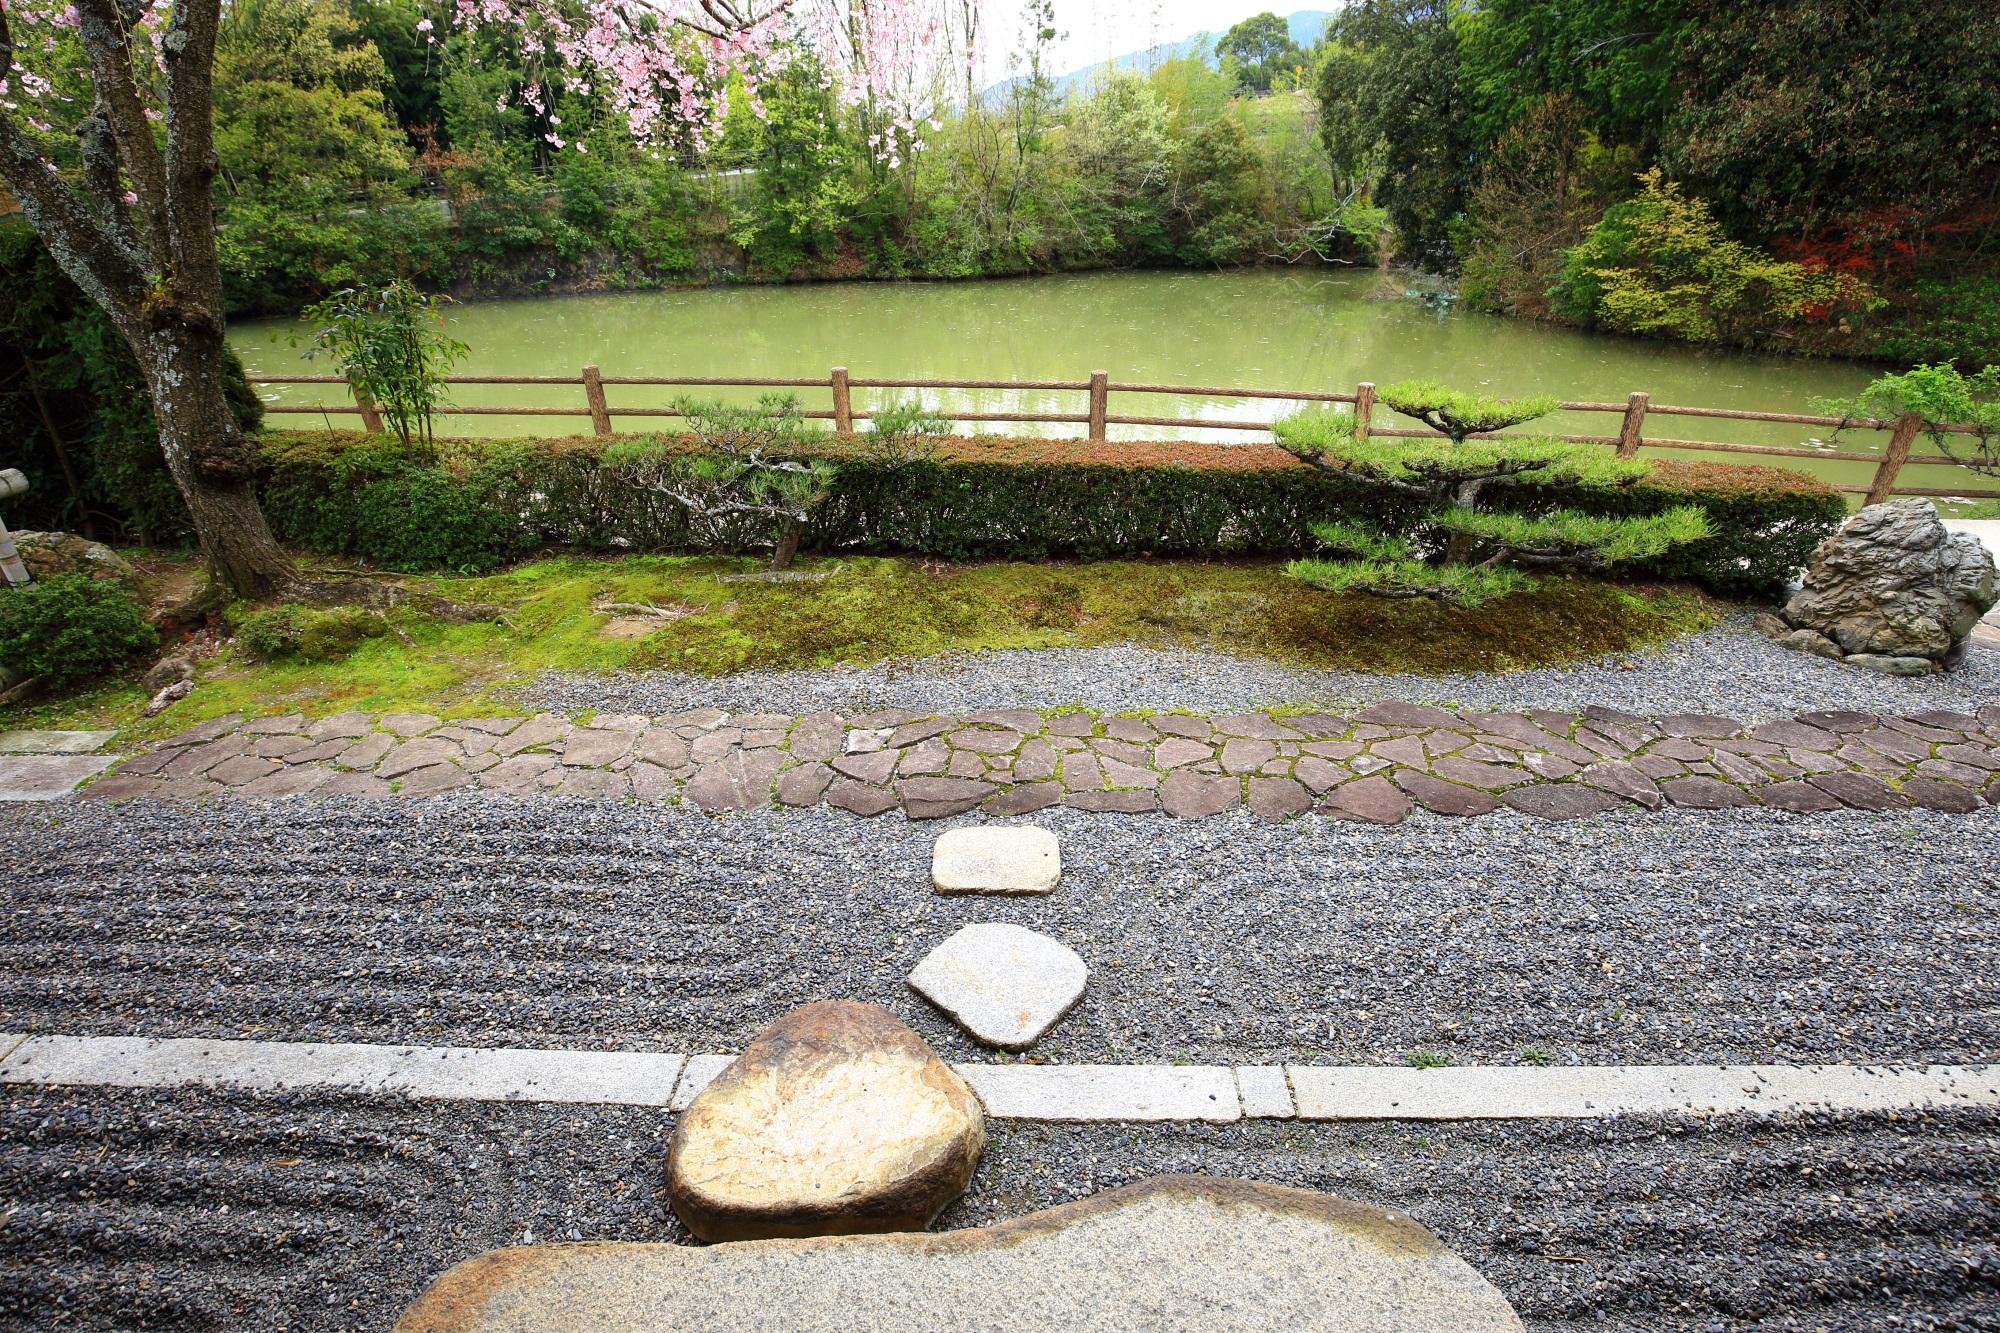 波文様の砂と石畳の参道の向こうには池が広がる正法寺の南側の庭園